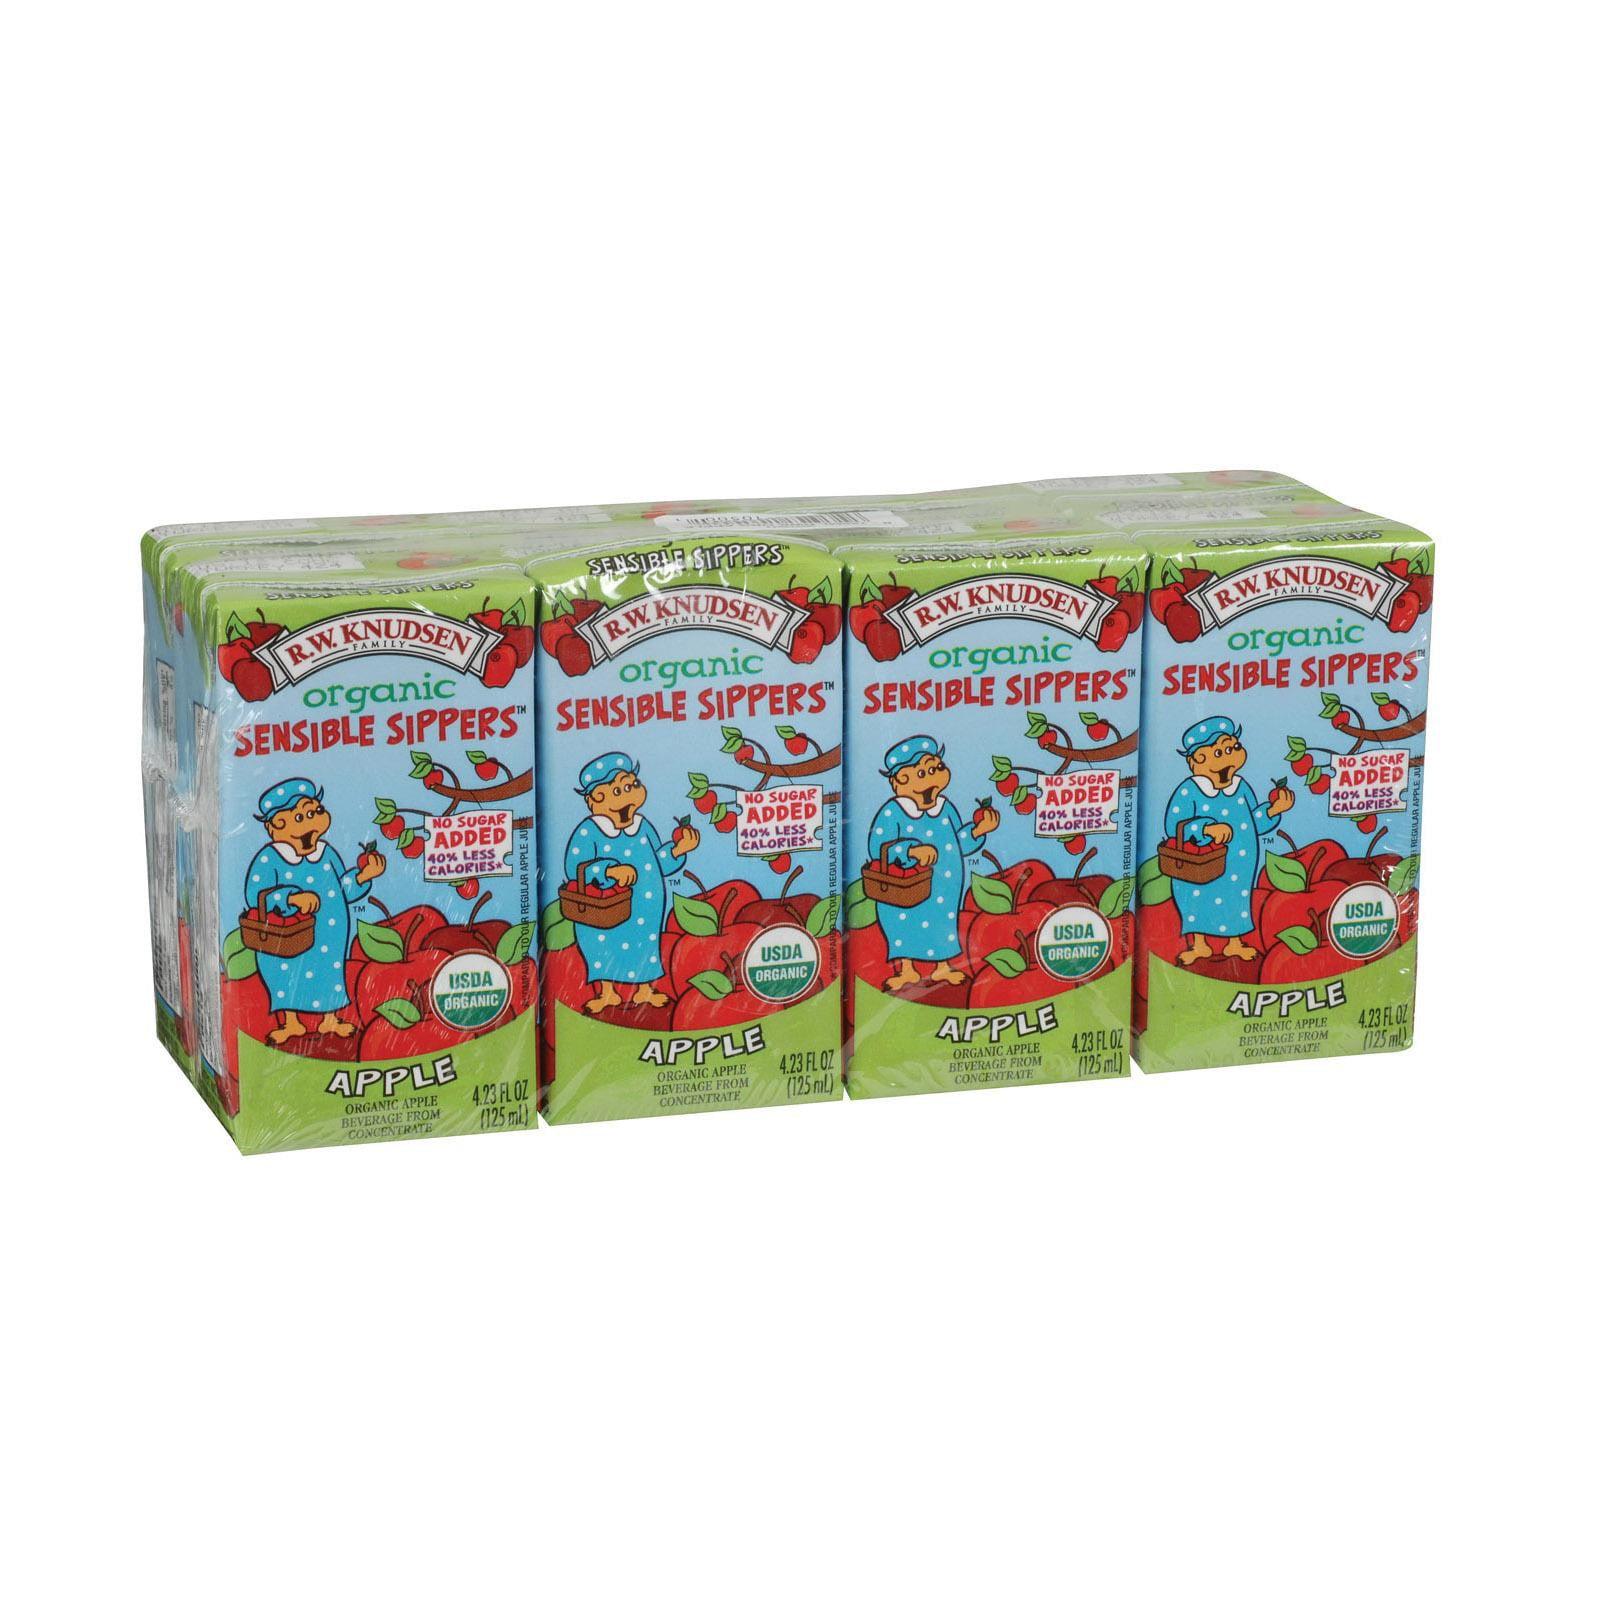 R.w. Knudsen Organic Sensible Sippers - Apple - Pack of 5 - 4.23 Fl Oz.